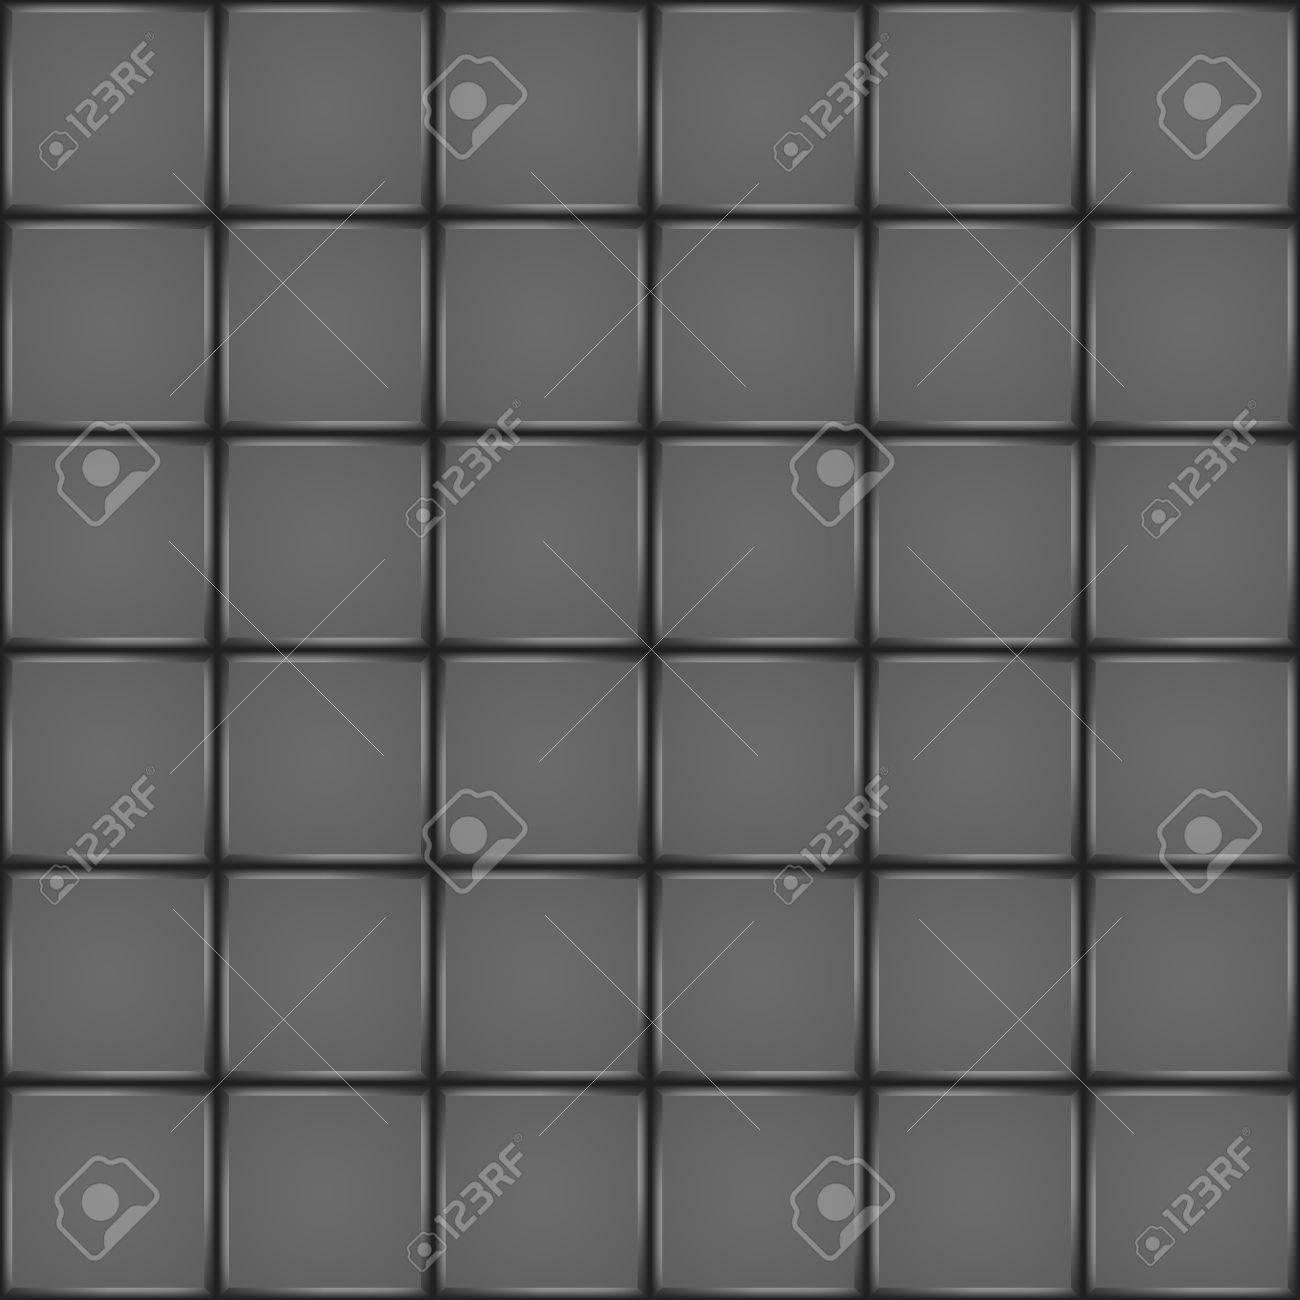 Dark Ceramic Tile Bathroom Wall Or Floor Seamless Pattern Royalty